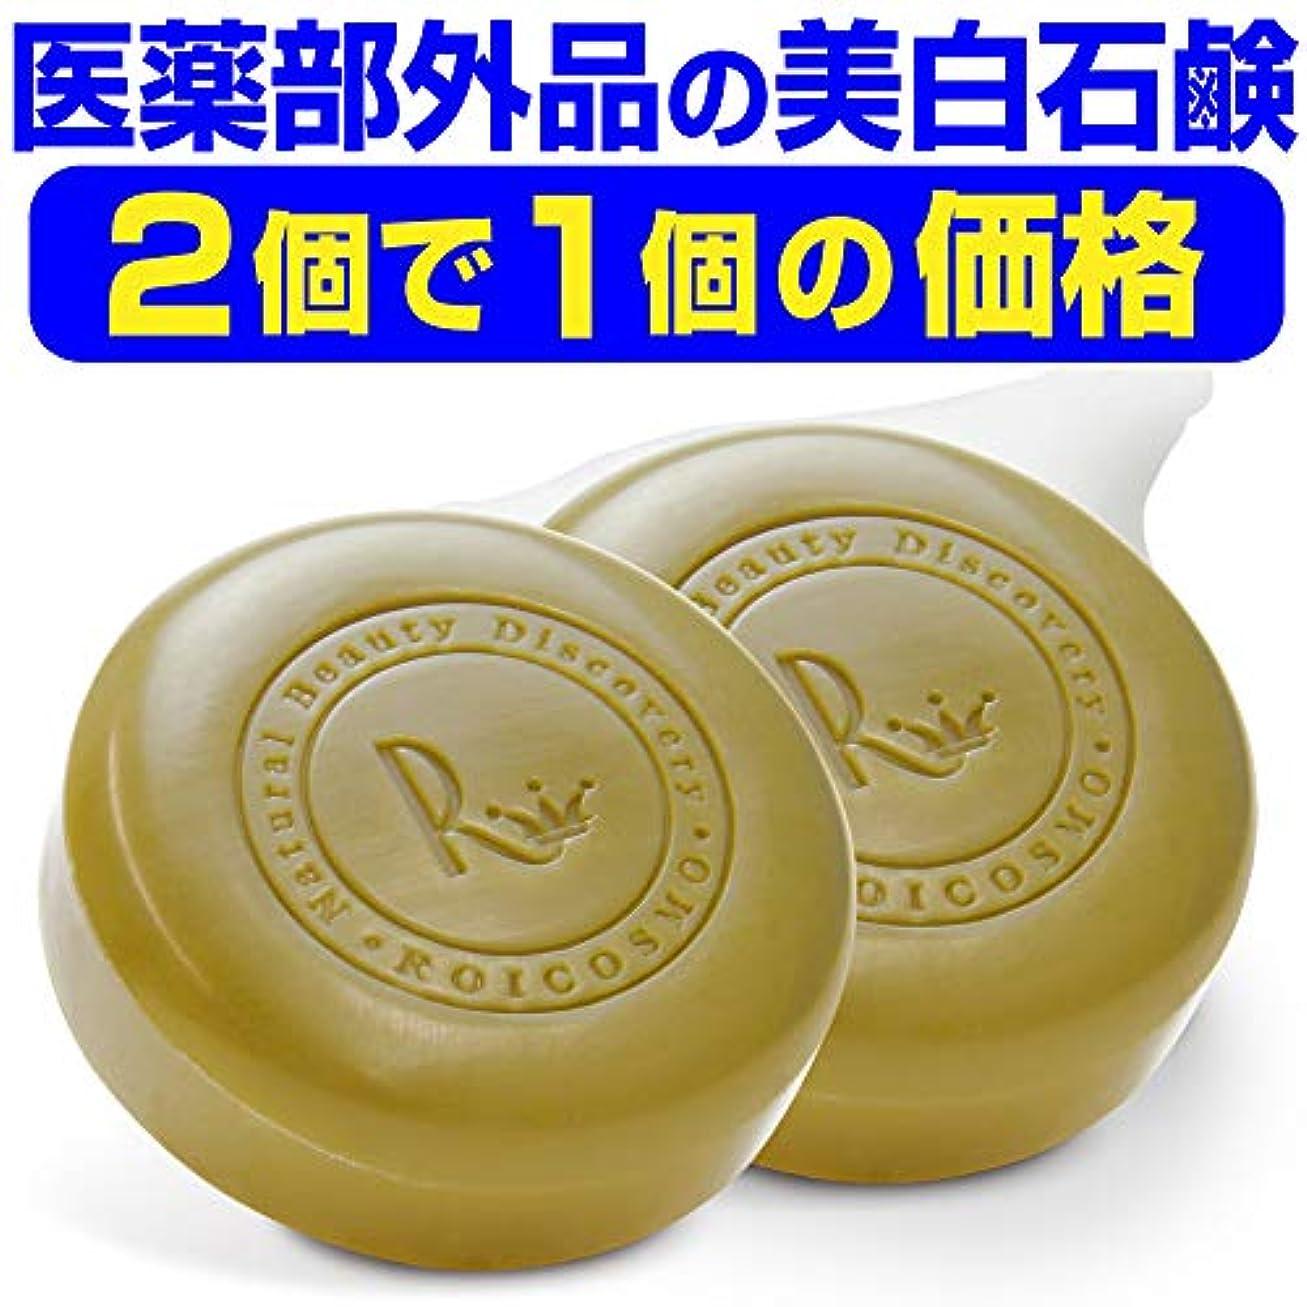 地区壊す大胆な2個で1個の価格(実質50%OFF) ビタミンC270倍の美白成分配合『ホワイトソープ100g×2個で1個の価格』